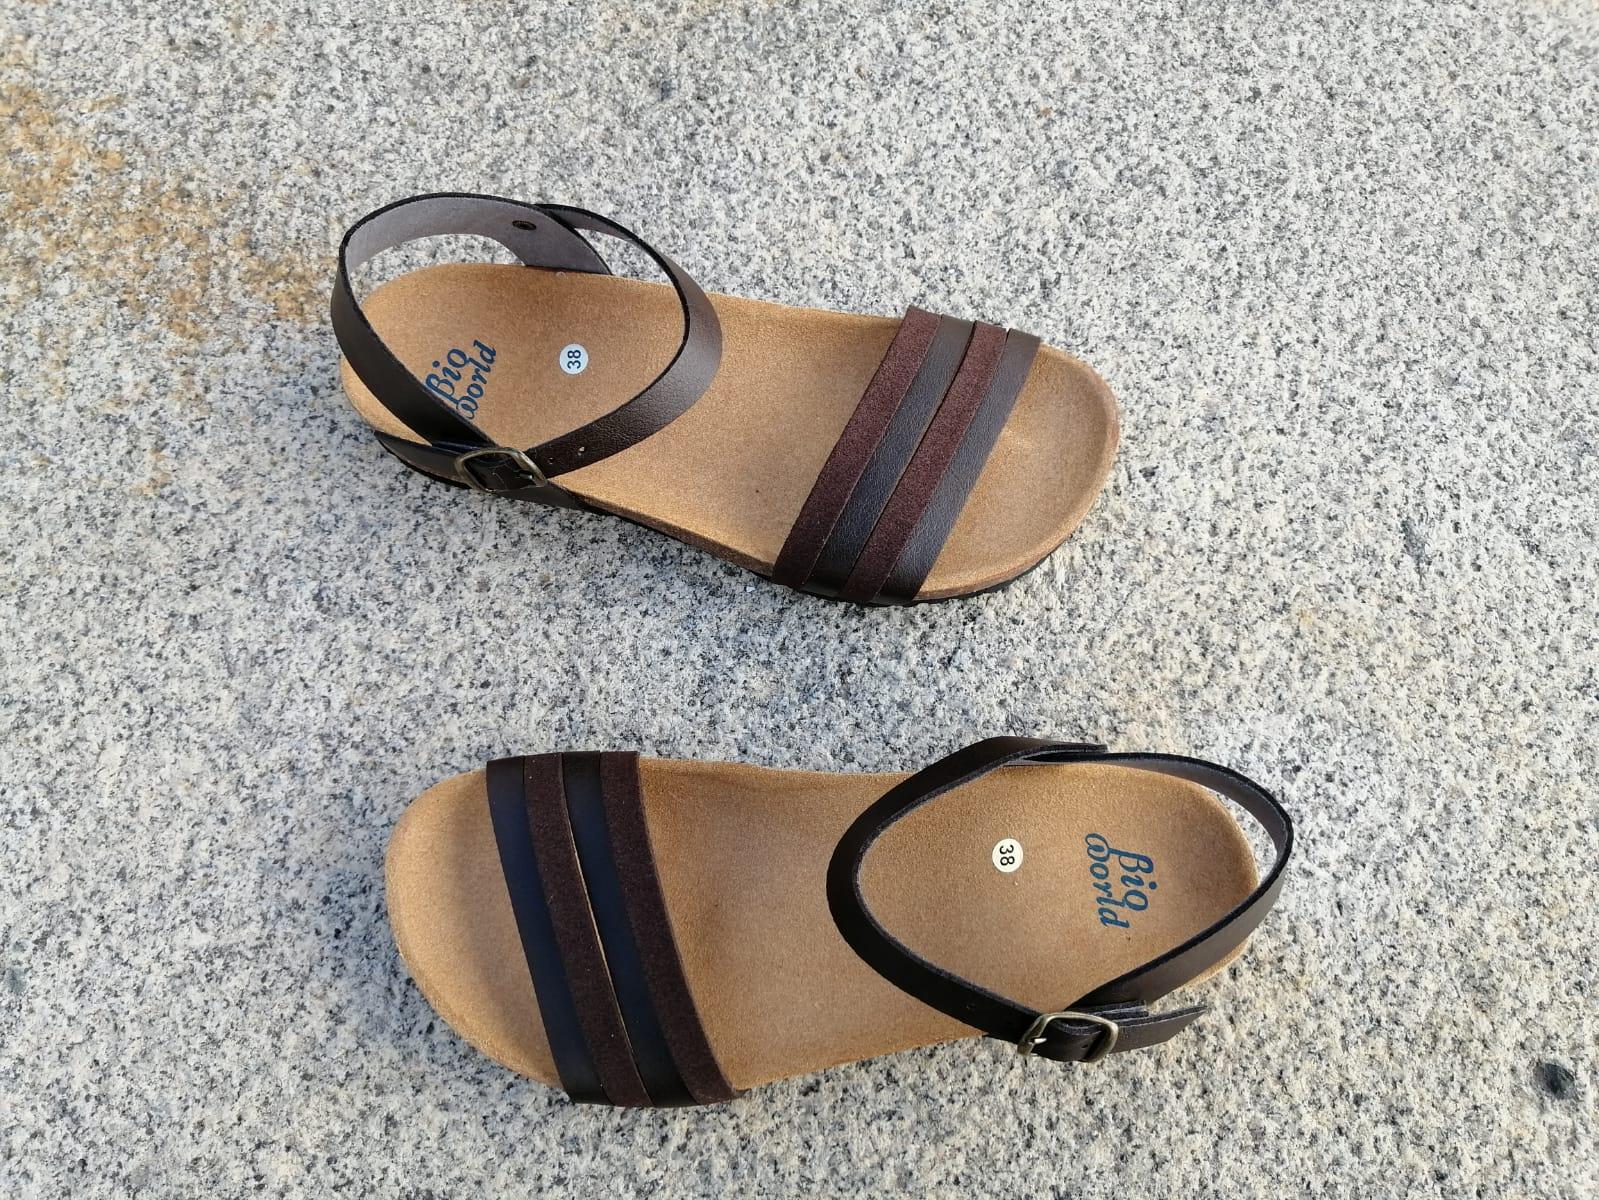 ROMEO BROWN , sandalias veganas, sandalias veganas mujer, calzado vegano, sandalias de tacón bajo, sandalias bioworld, vegan shoes.